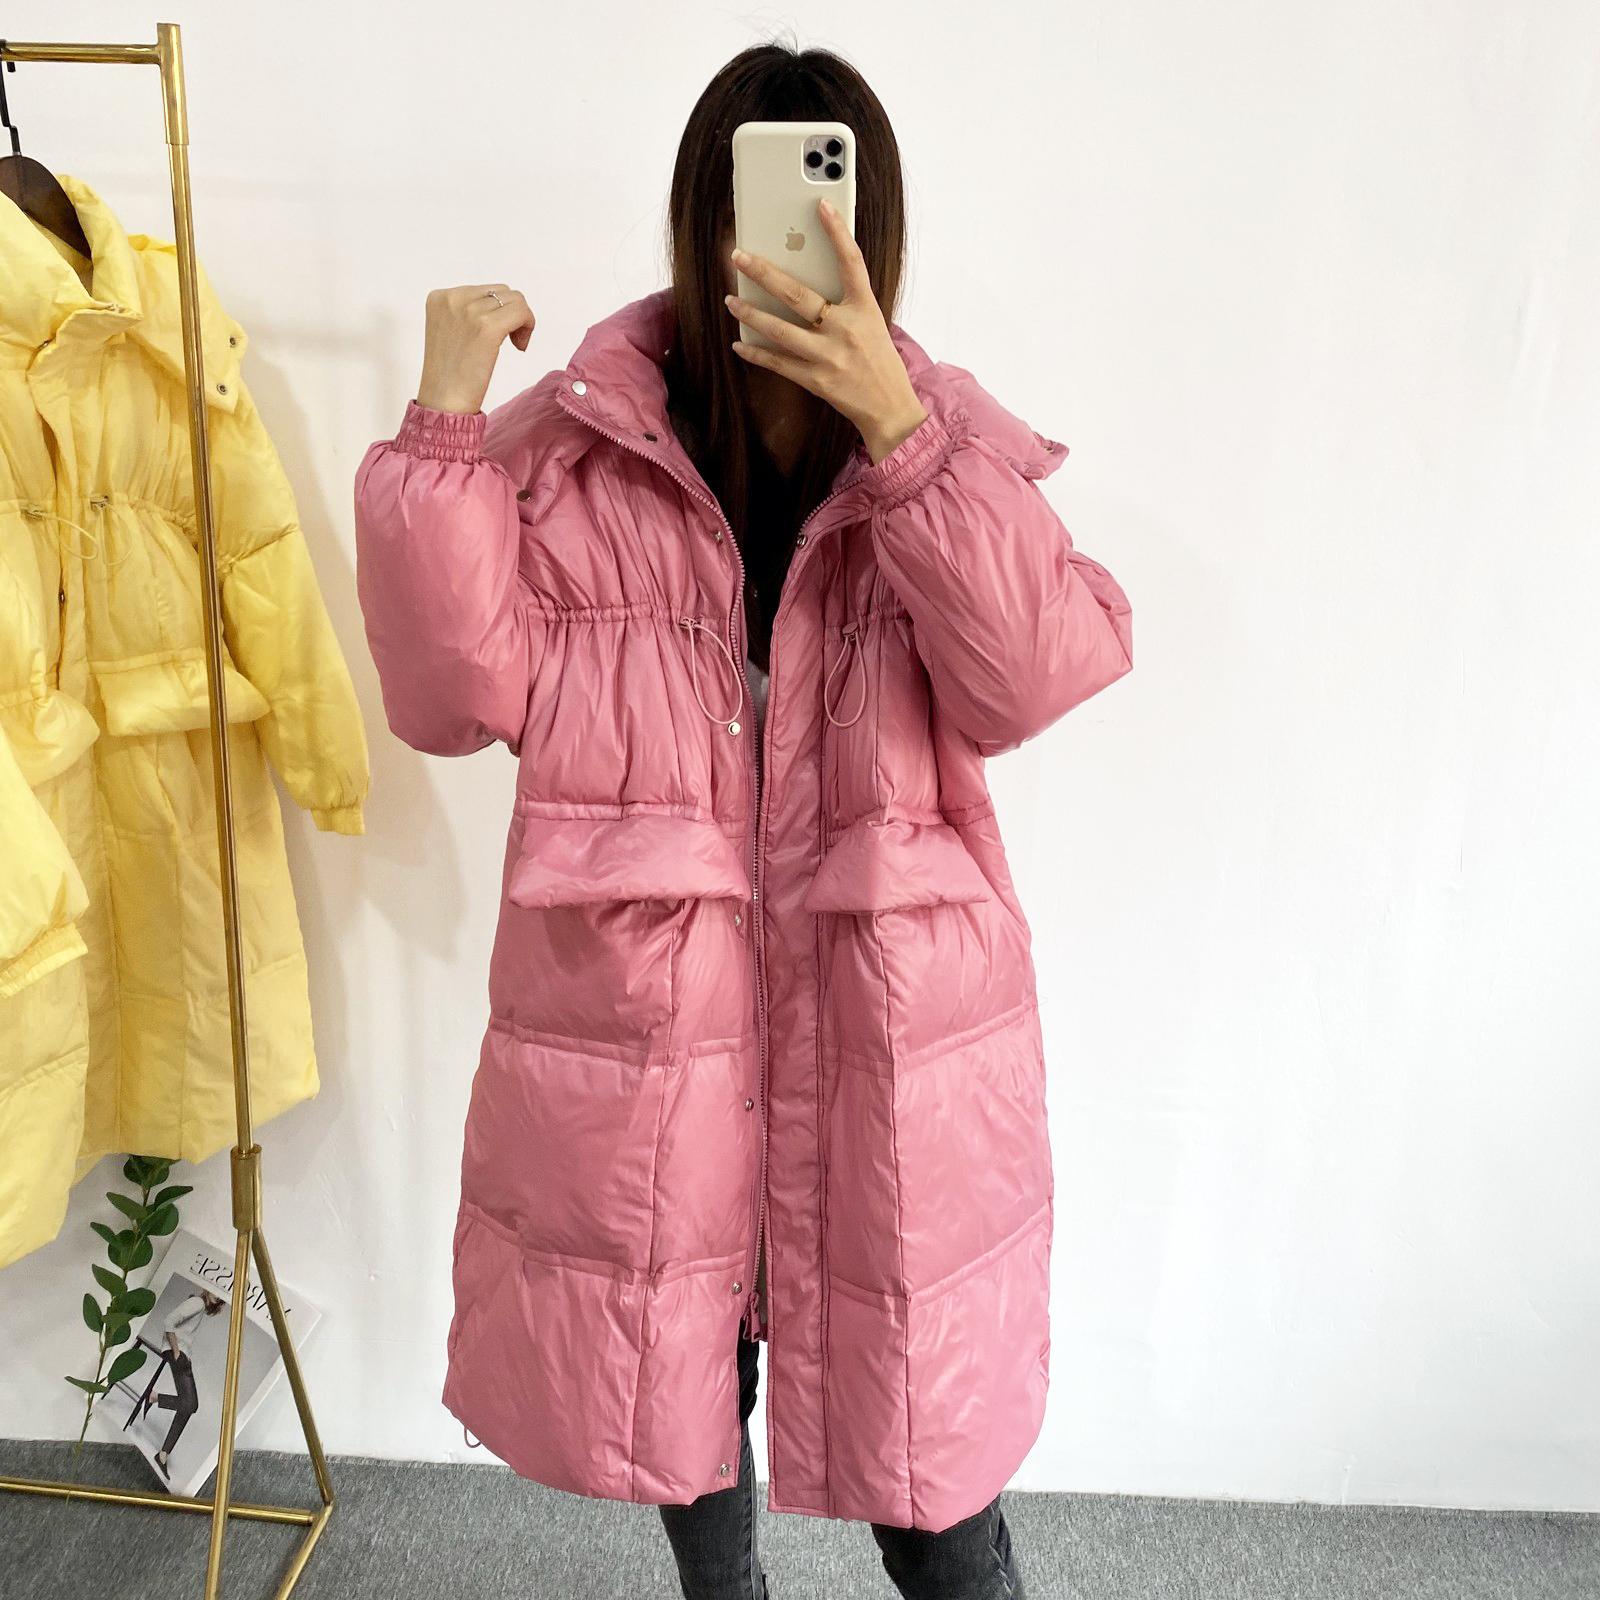 东大门反季特卖雪梨同款羽绒服女中长款面包服宽松显瘦时尚外套潮